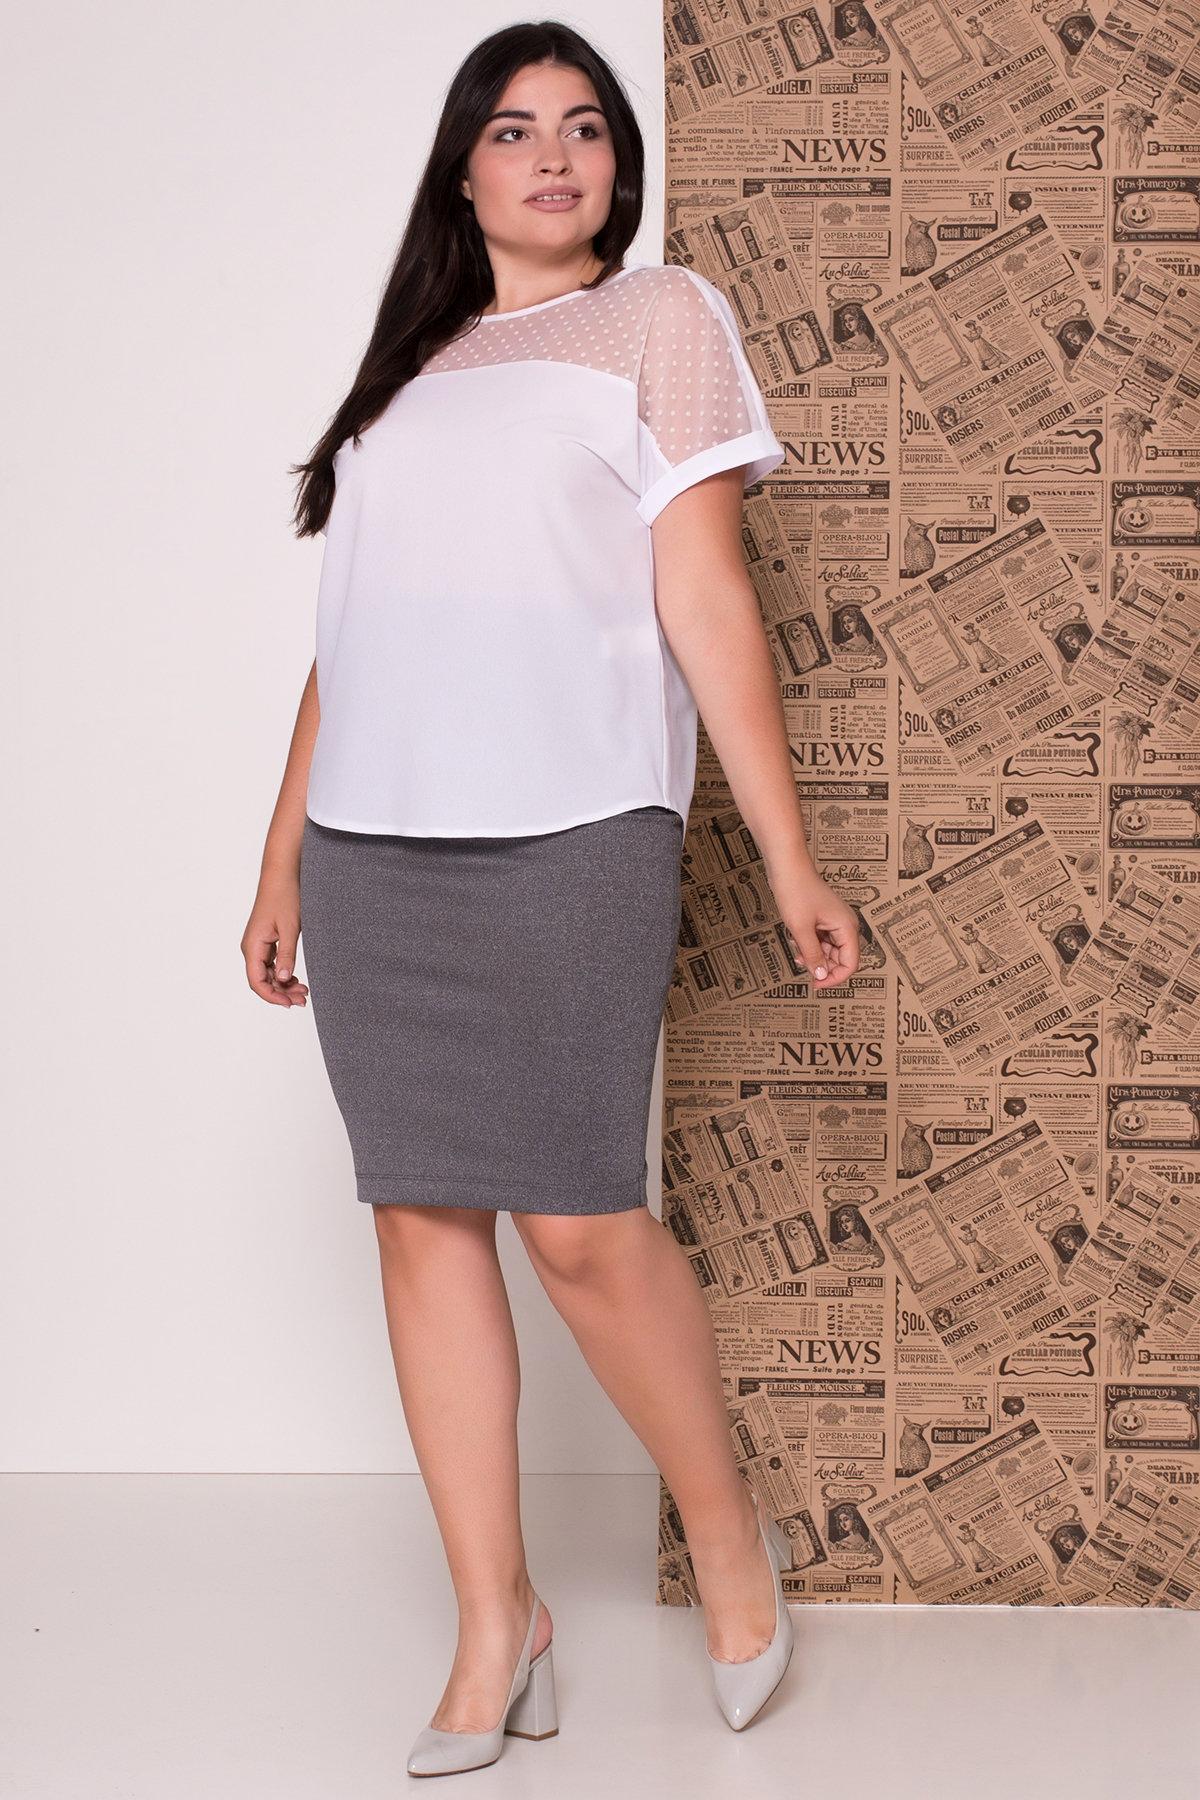 Блуза Свит DONNA 7777 АРТ. 43659 Цвет: Белый - фото 3, интернет магазин tm-modus.ru